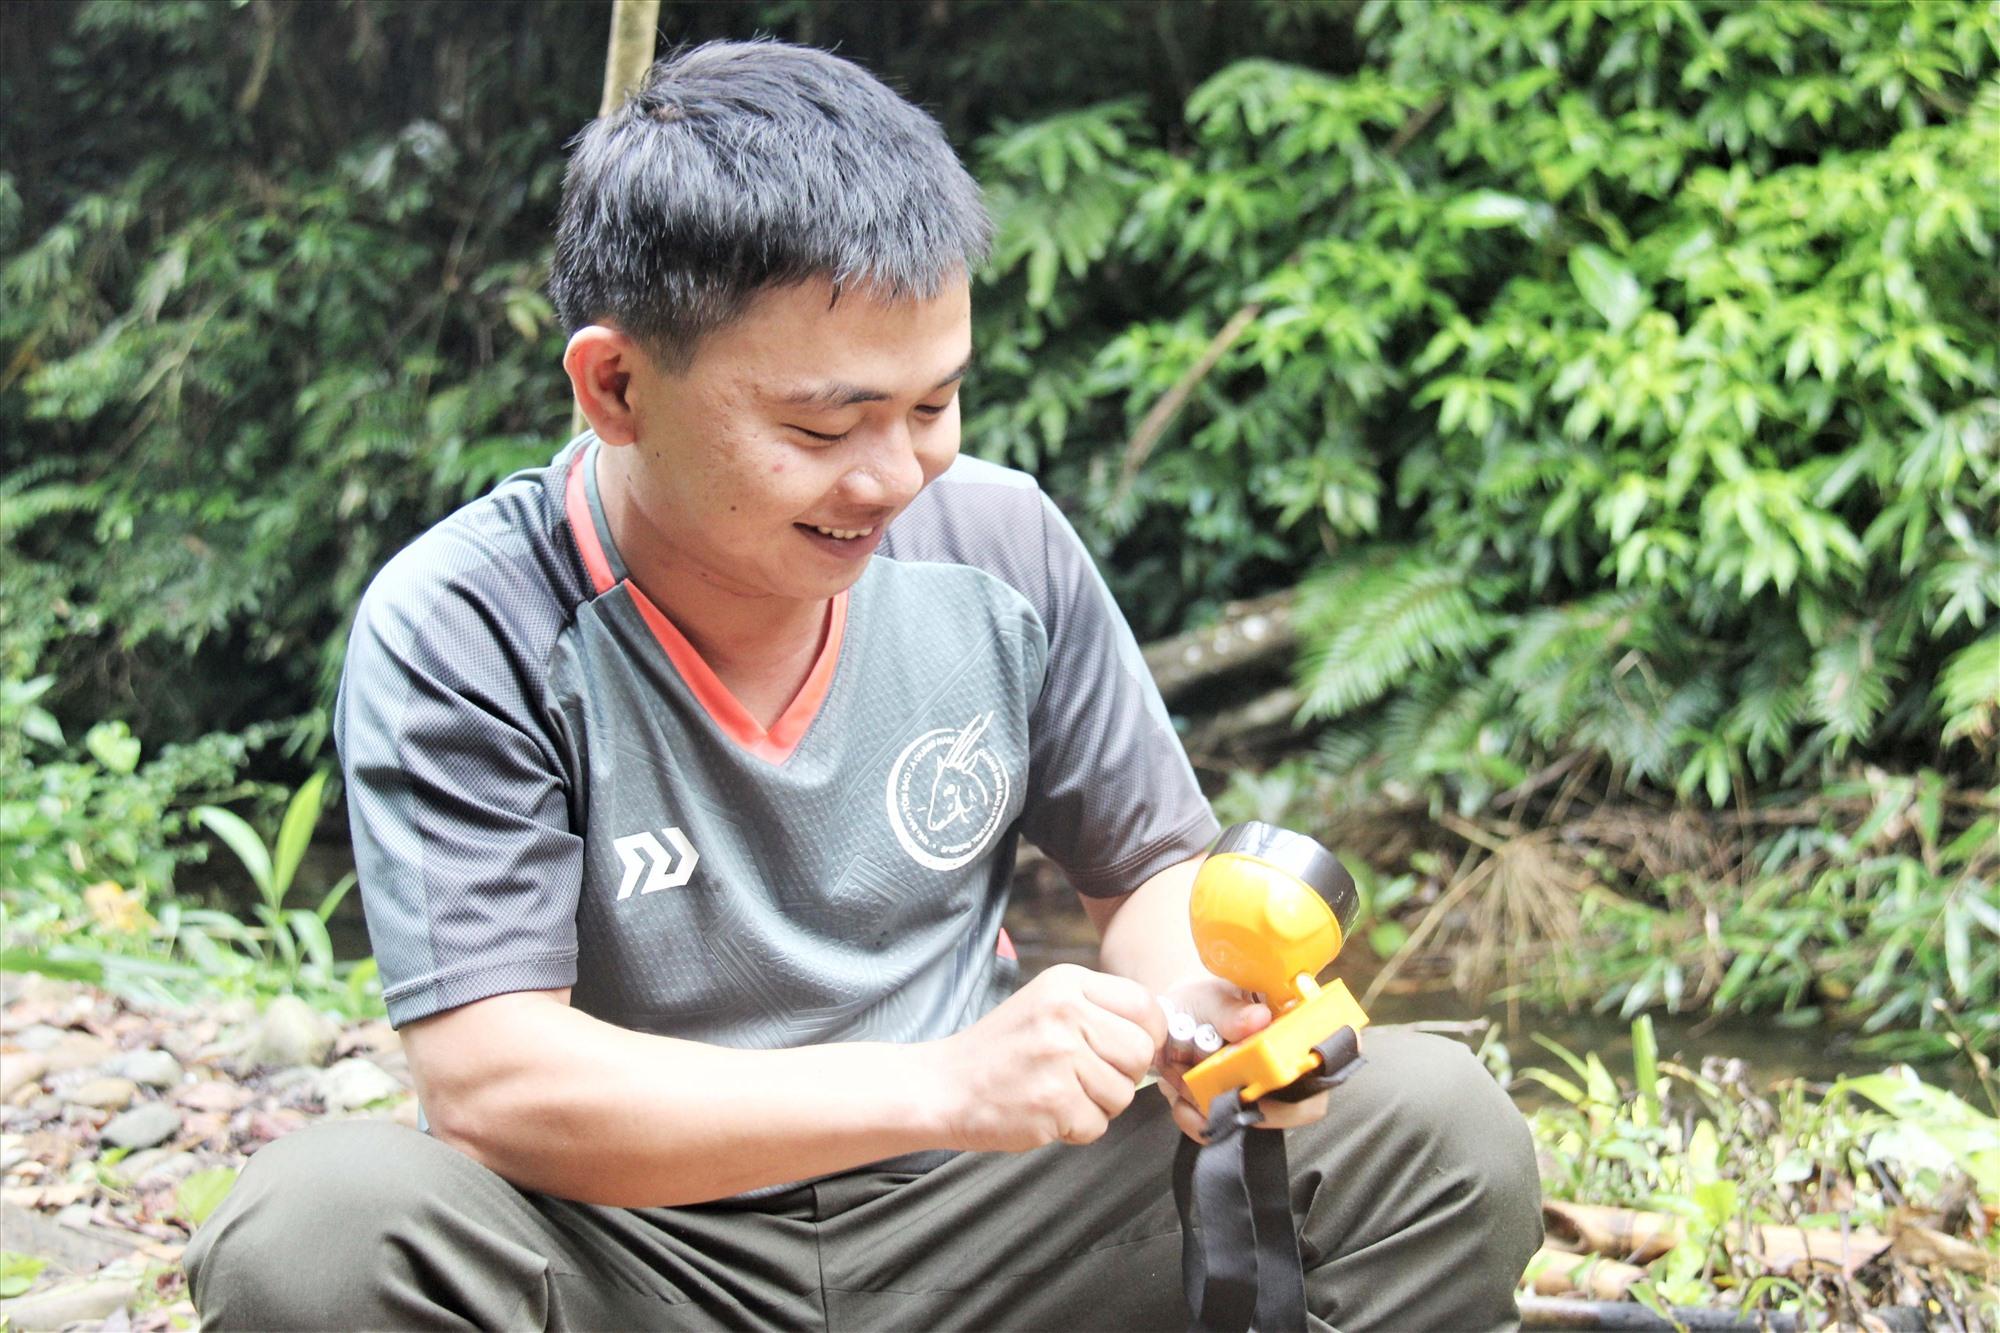 Nhân viên Ban Quản lý Khu bảo tồn loài Sao la Quảng Nam thay pin mới và giữ lại pin cũ mang về nộp lại cho văn phòng. Ảnh: HOÀI AN